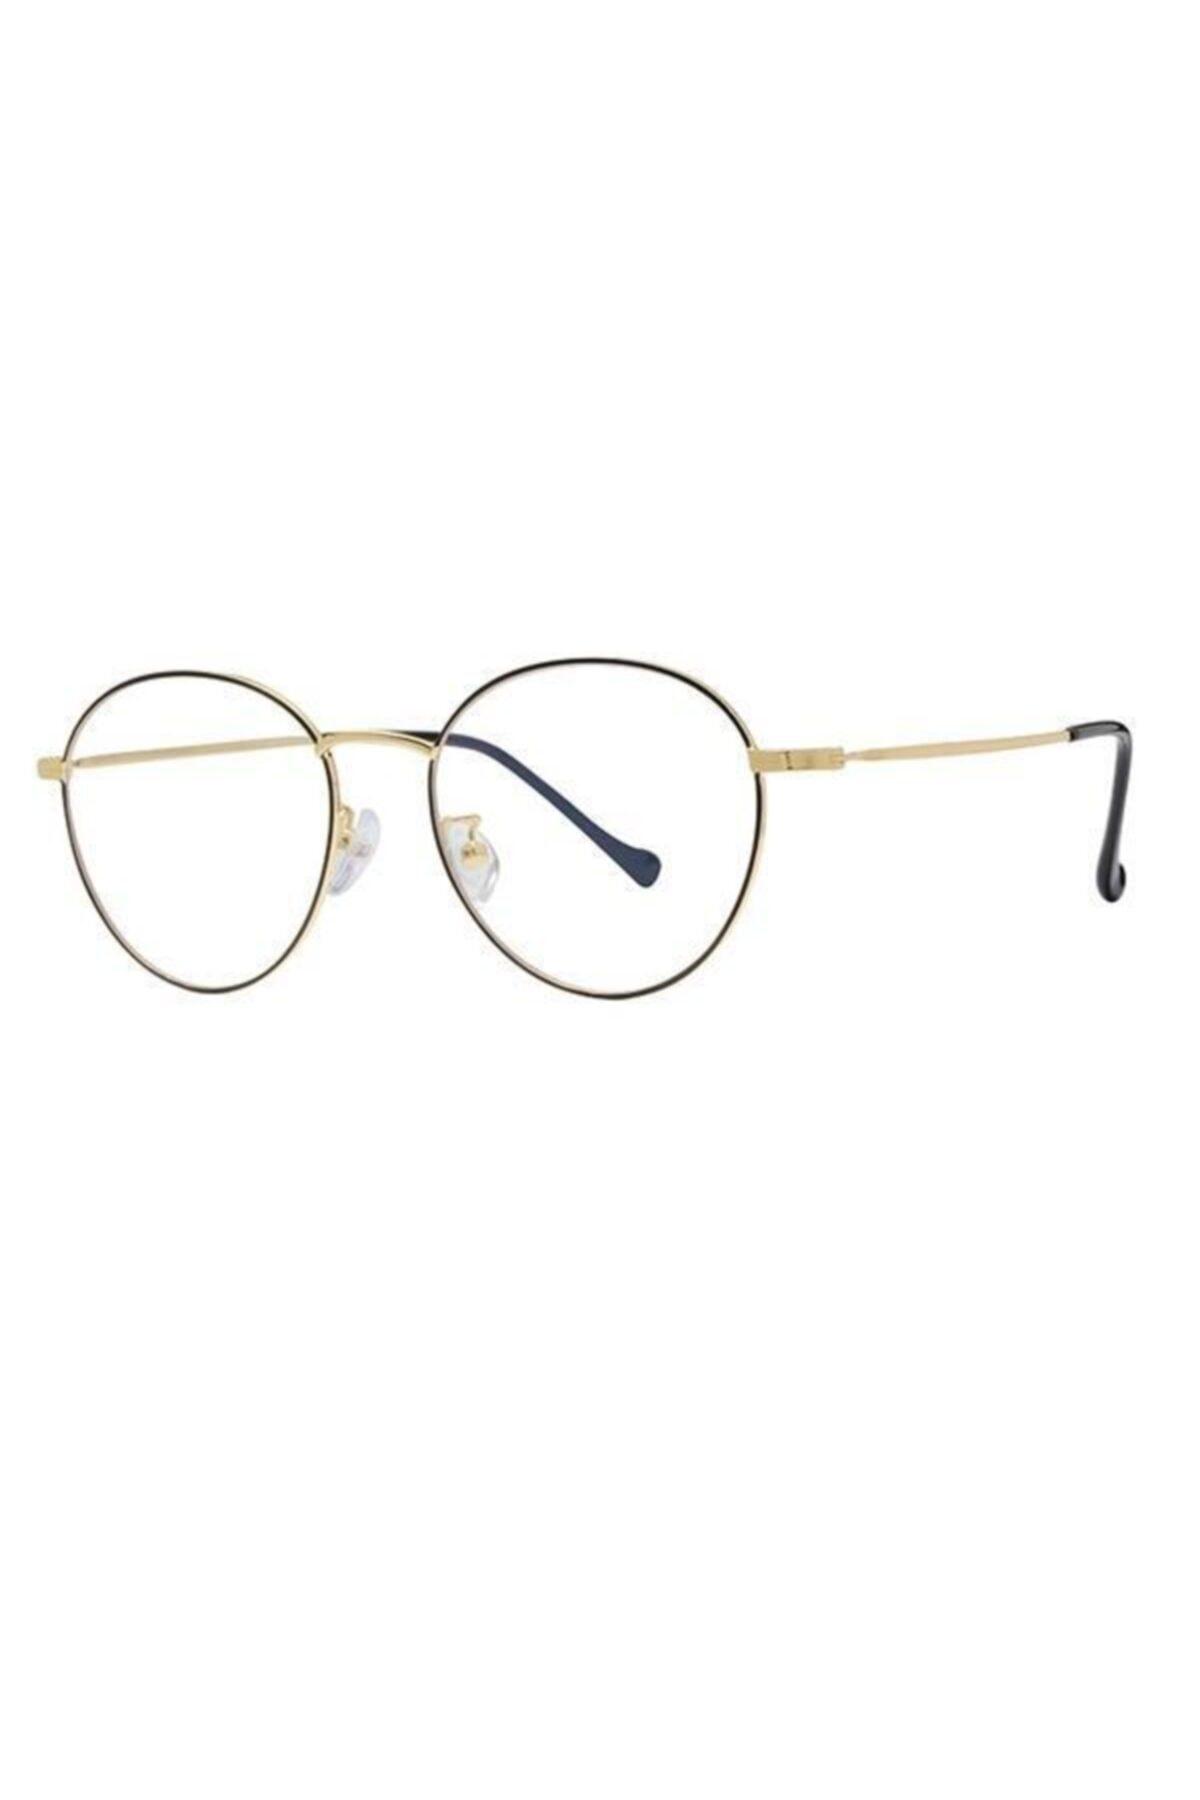 Vintage Mavi Işık Engelleme Gözlük Anti Gözlük Bilgisayar Okuma Gözlükleri Uv400 Şeffaf Lens Siyah Çerçeve 1